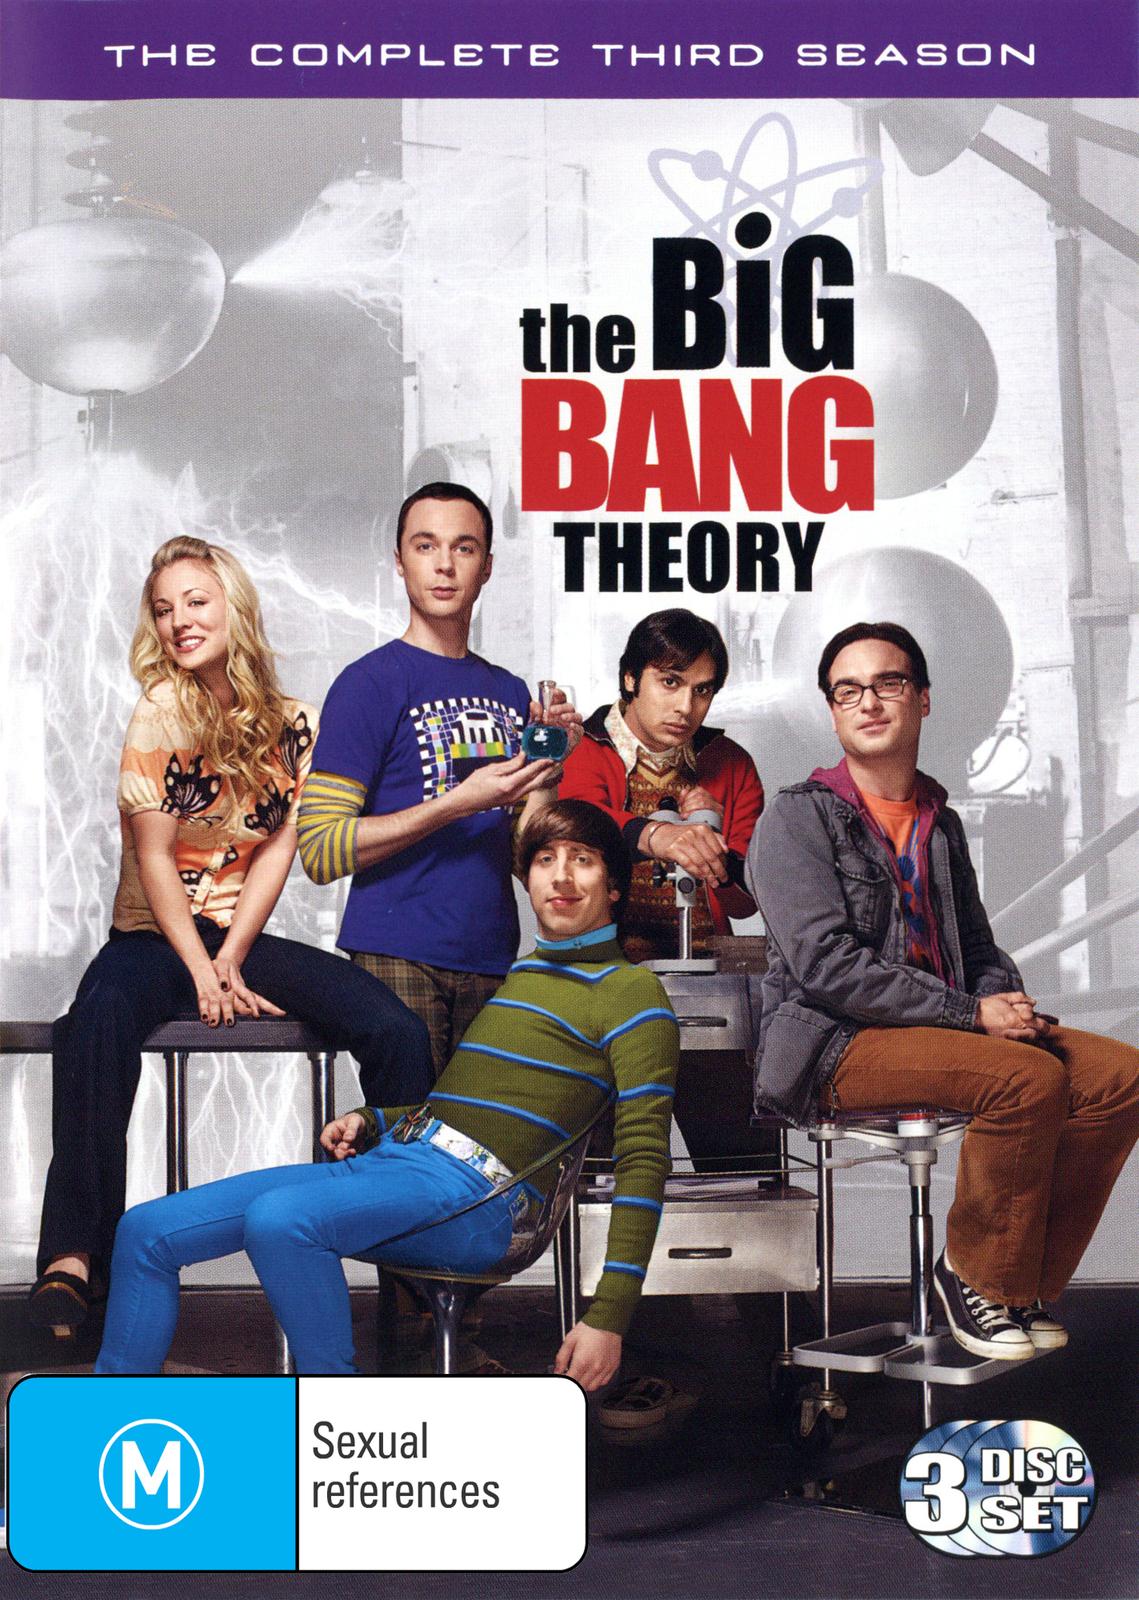 The Big Bang Theory - Complete 3rd Season on DVD image